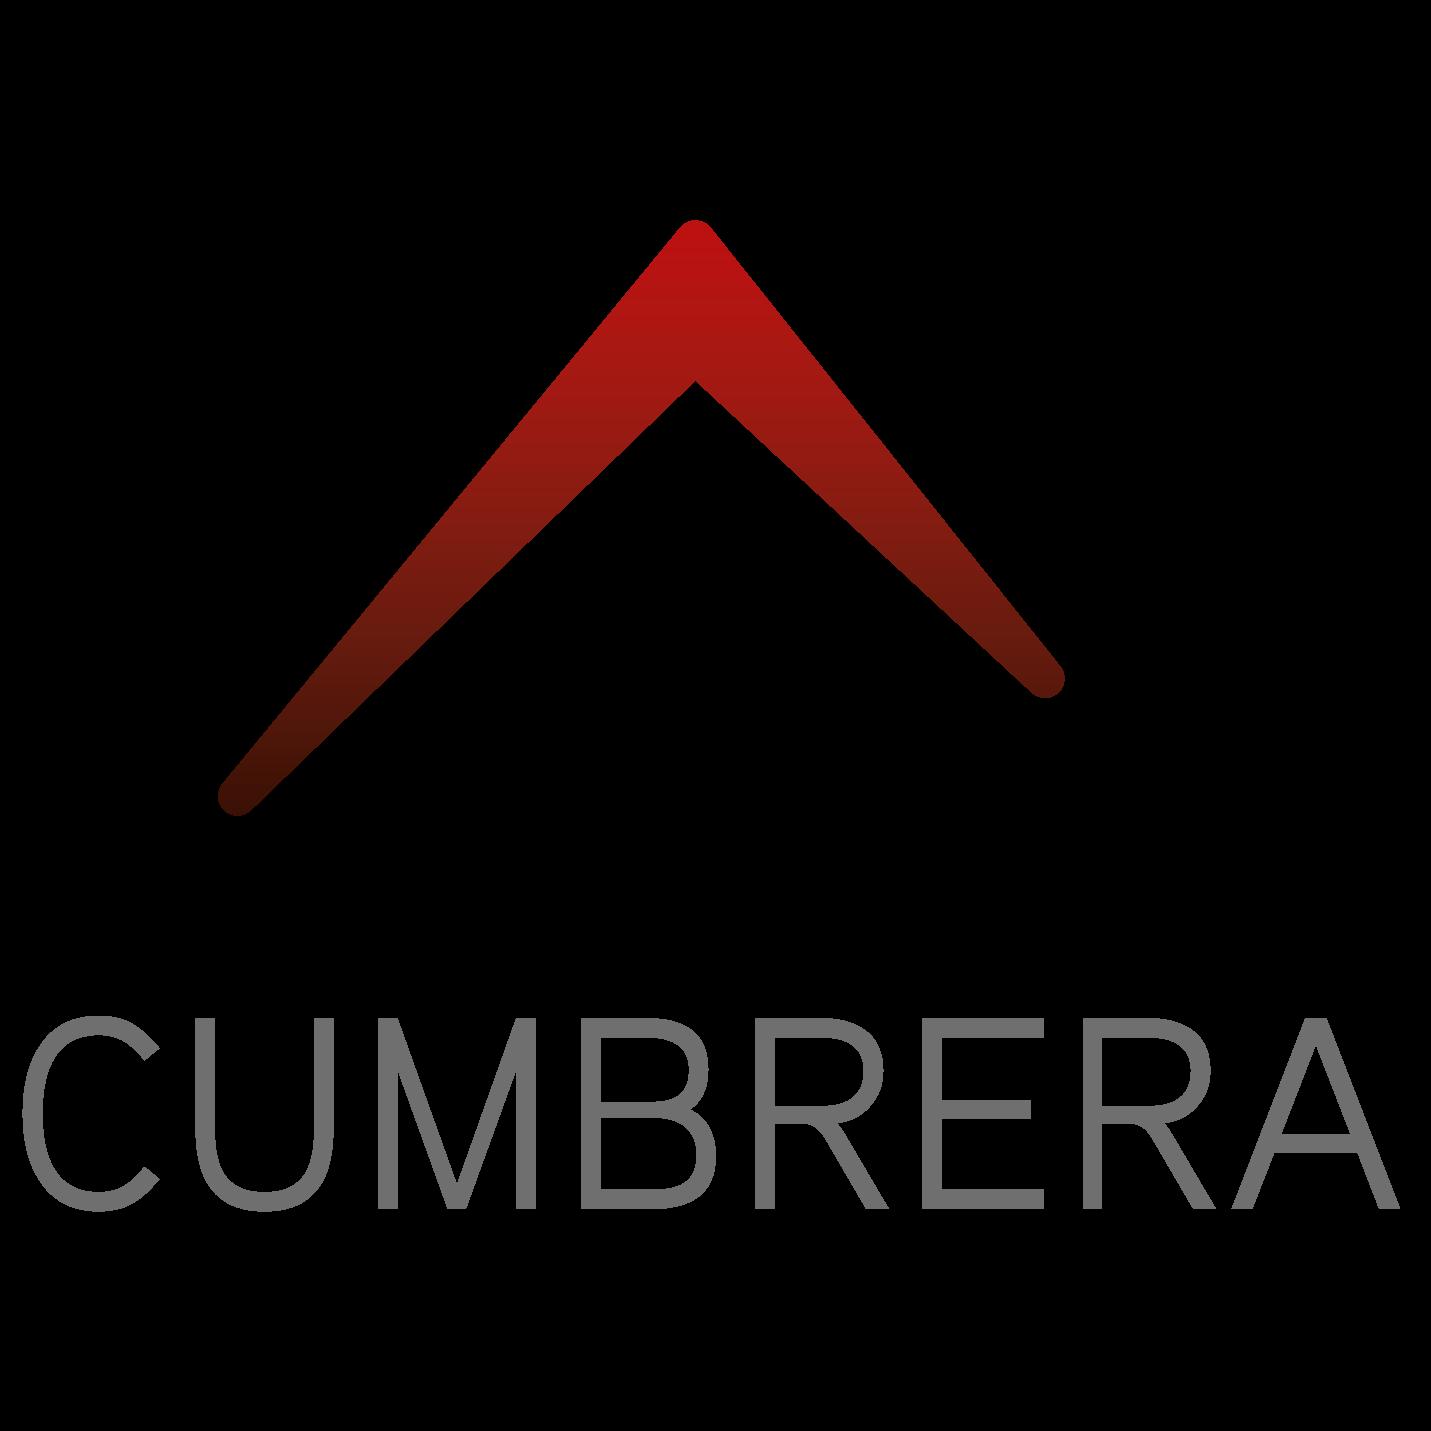 cumbrera.png